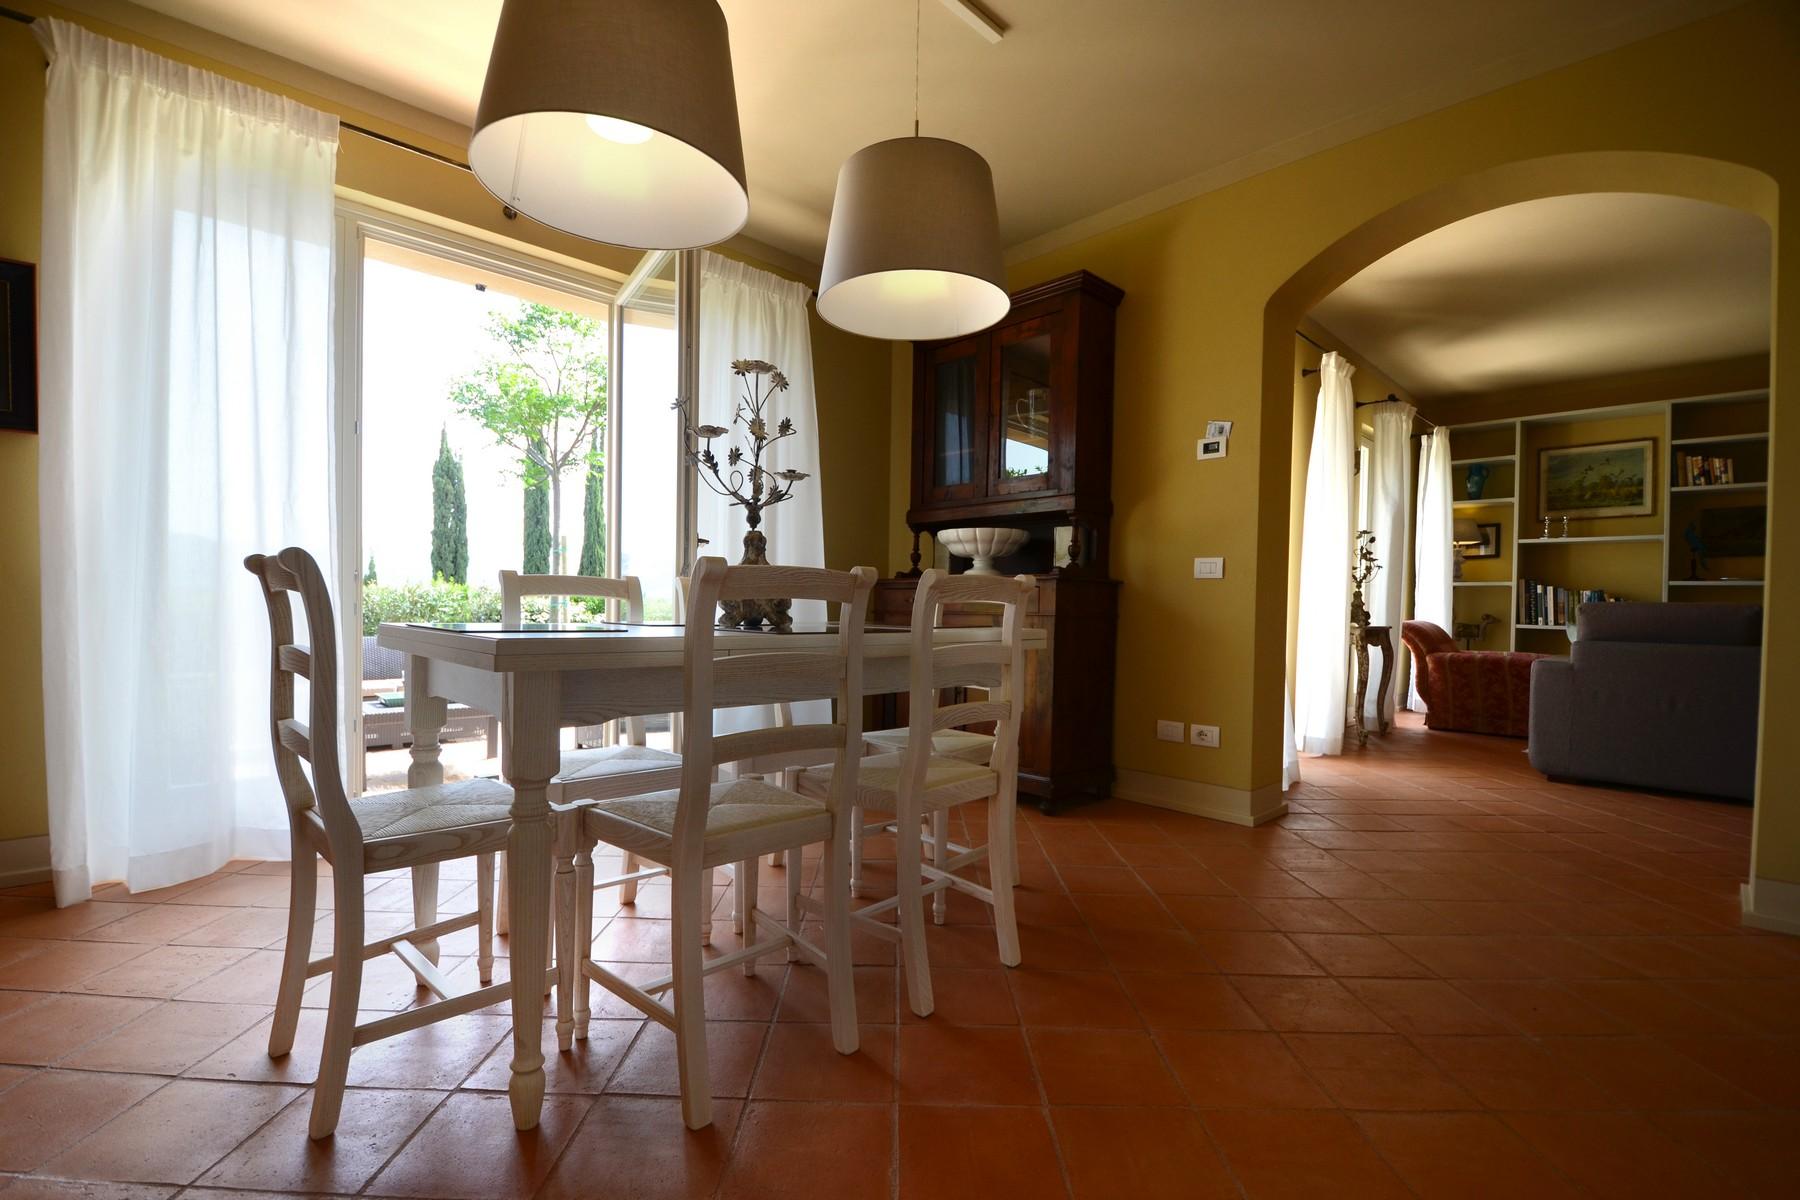 Appartamento in Vendita a Gavorrano: 4 locali, 149 mq - Foto 13